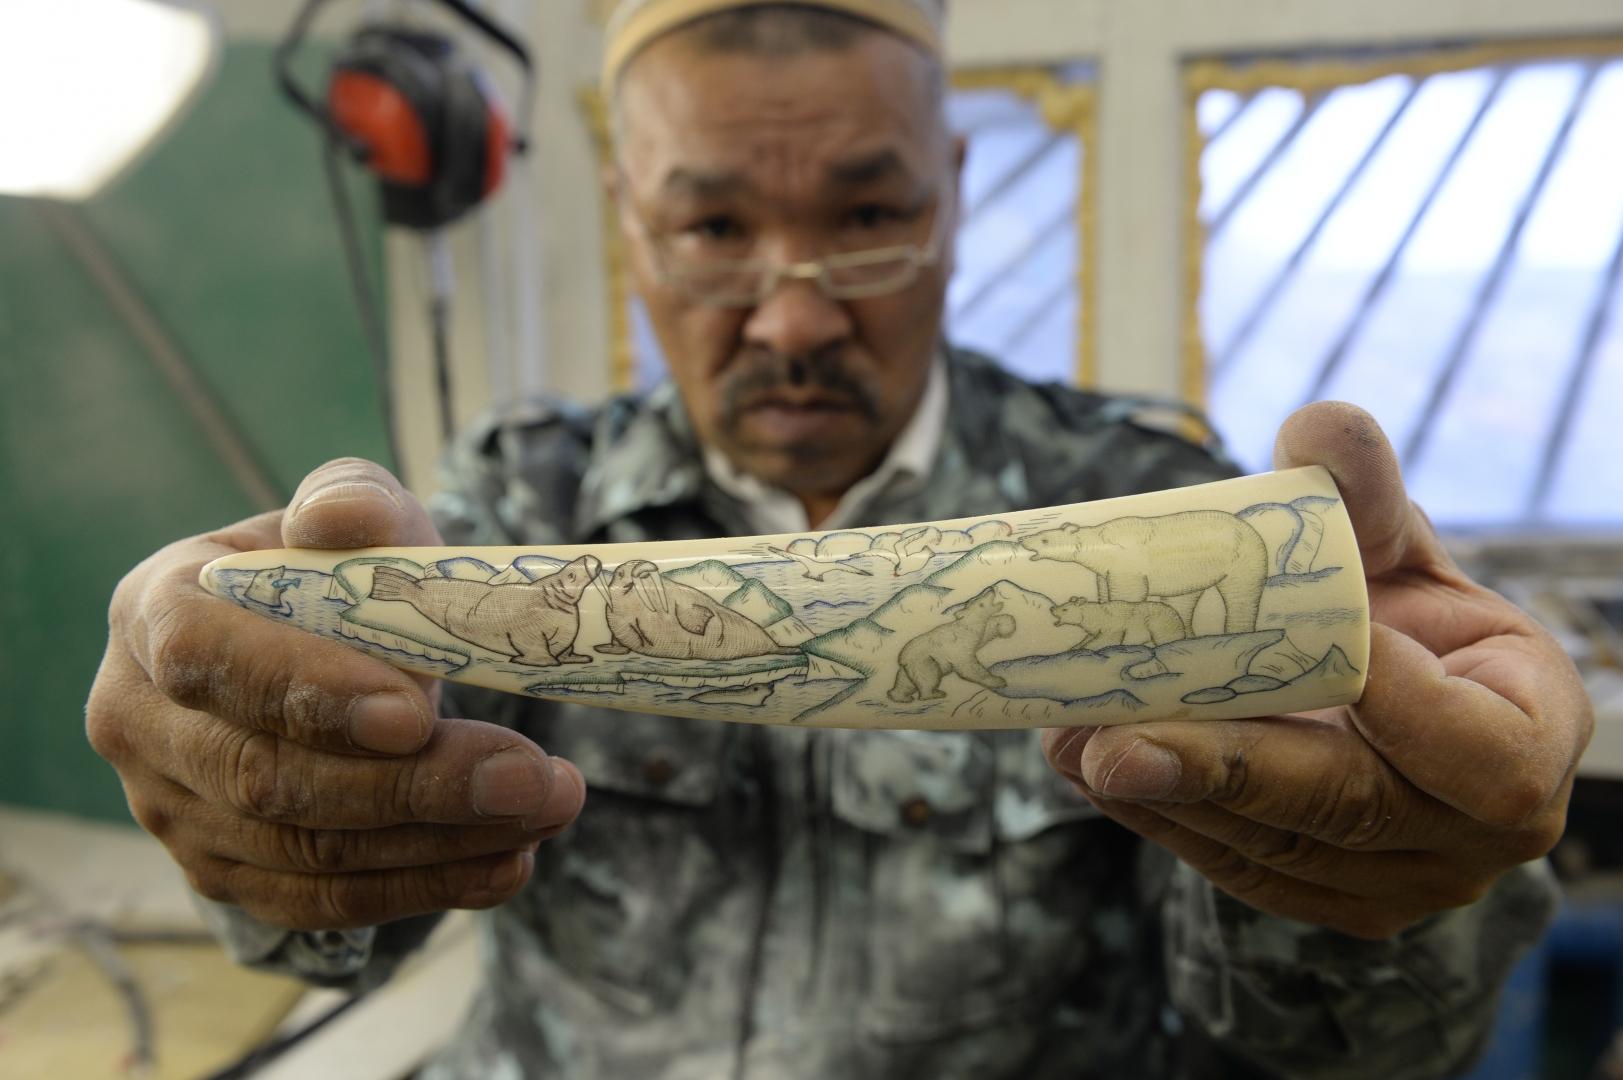 В лоринской художественной мастерской мастера демонстрируют свои сувенирные изделия, сделанные на клыке моржа